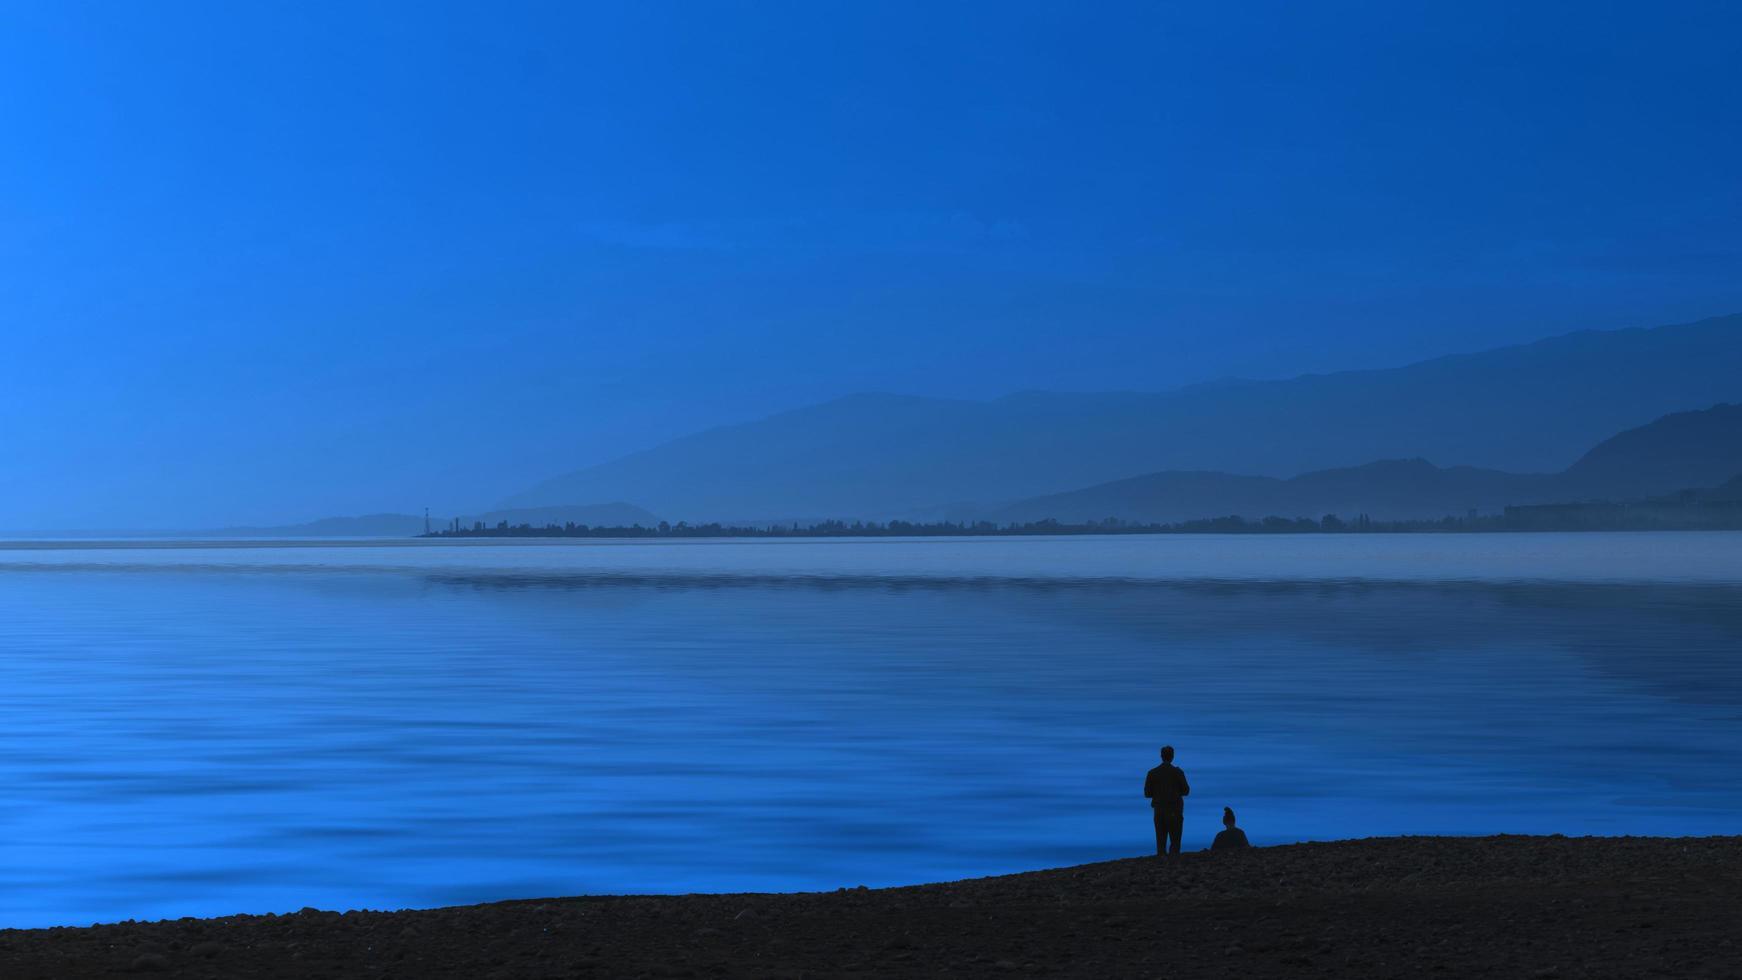 sera di vista sul mare blu e sagome di persone. foto